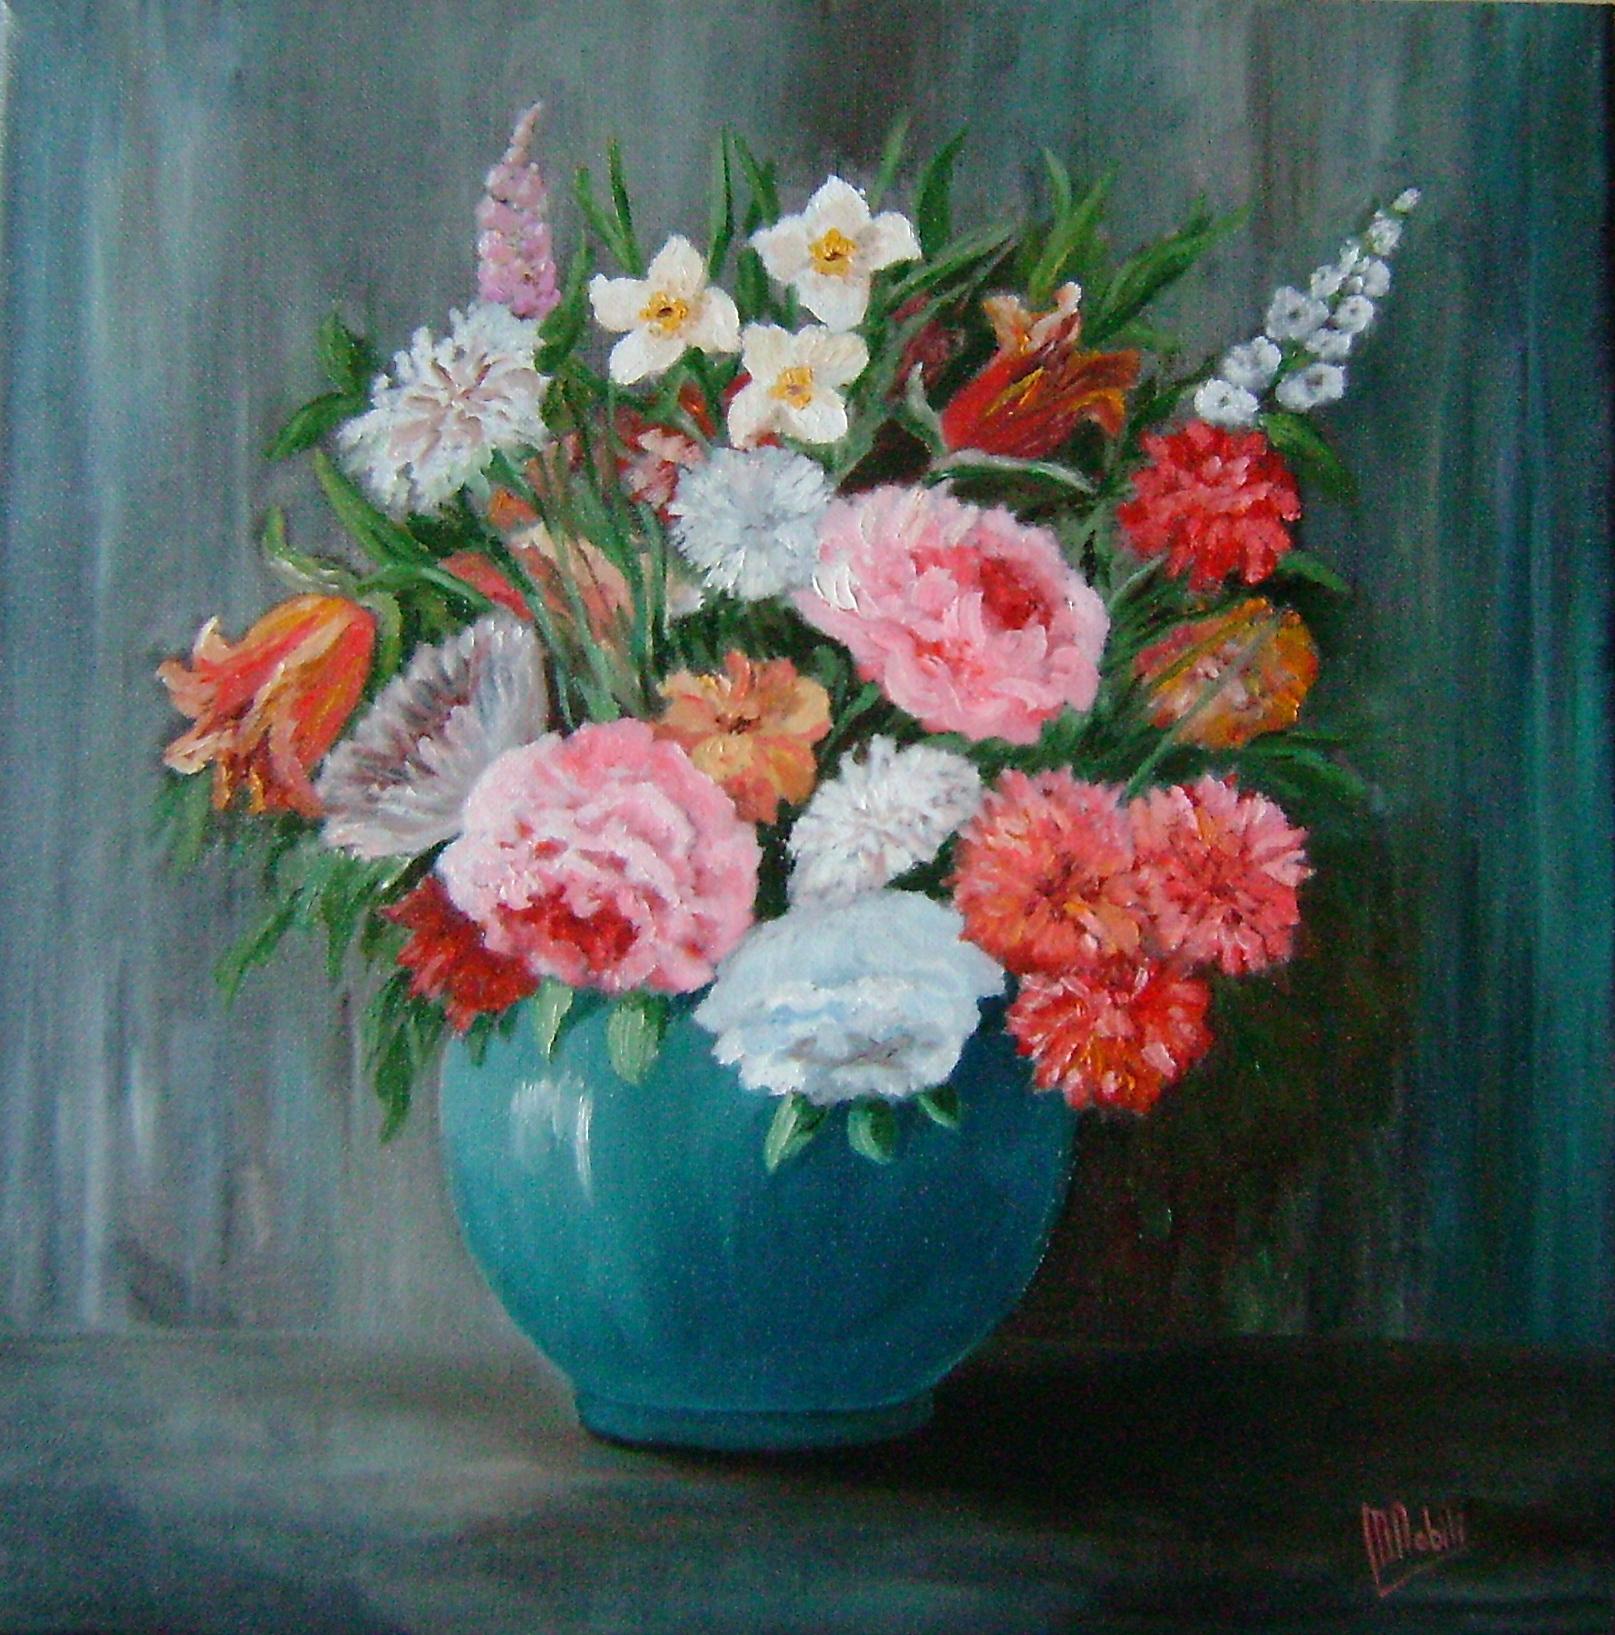 Vaso con fiori maria nobili opera celeste network for Vasi di fiori dipinti